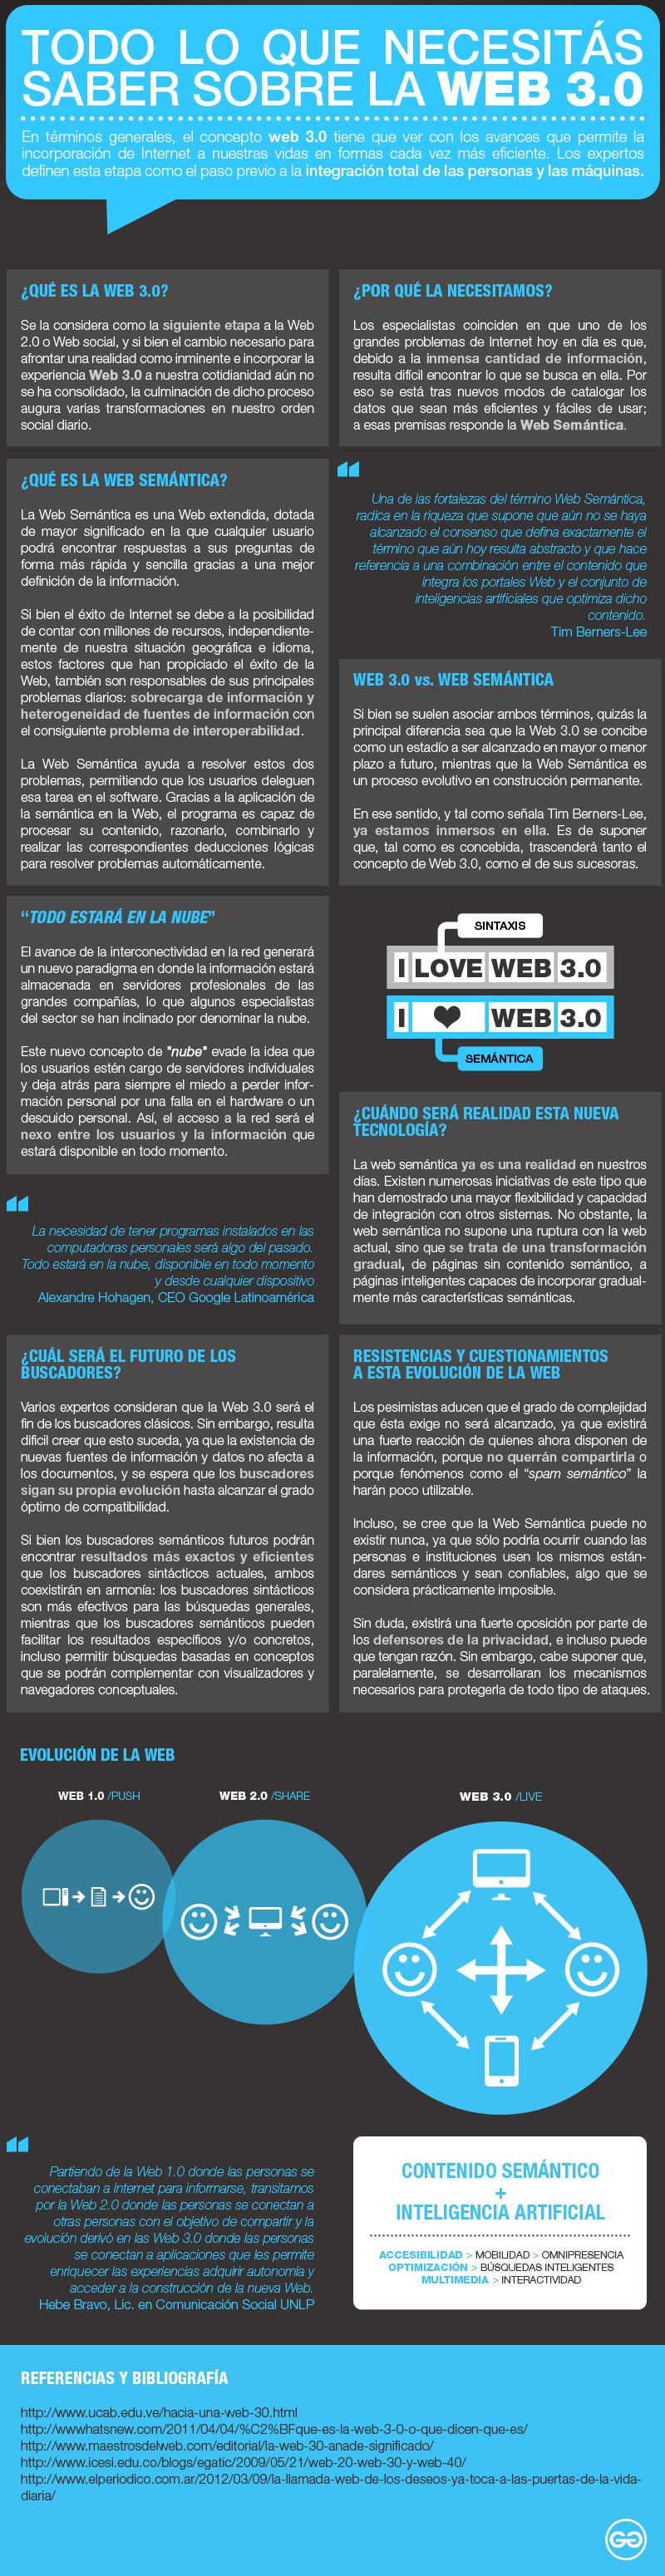 Todo lo que debes saber sobre la Web 3.0